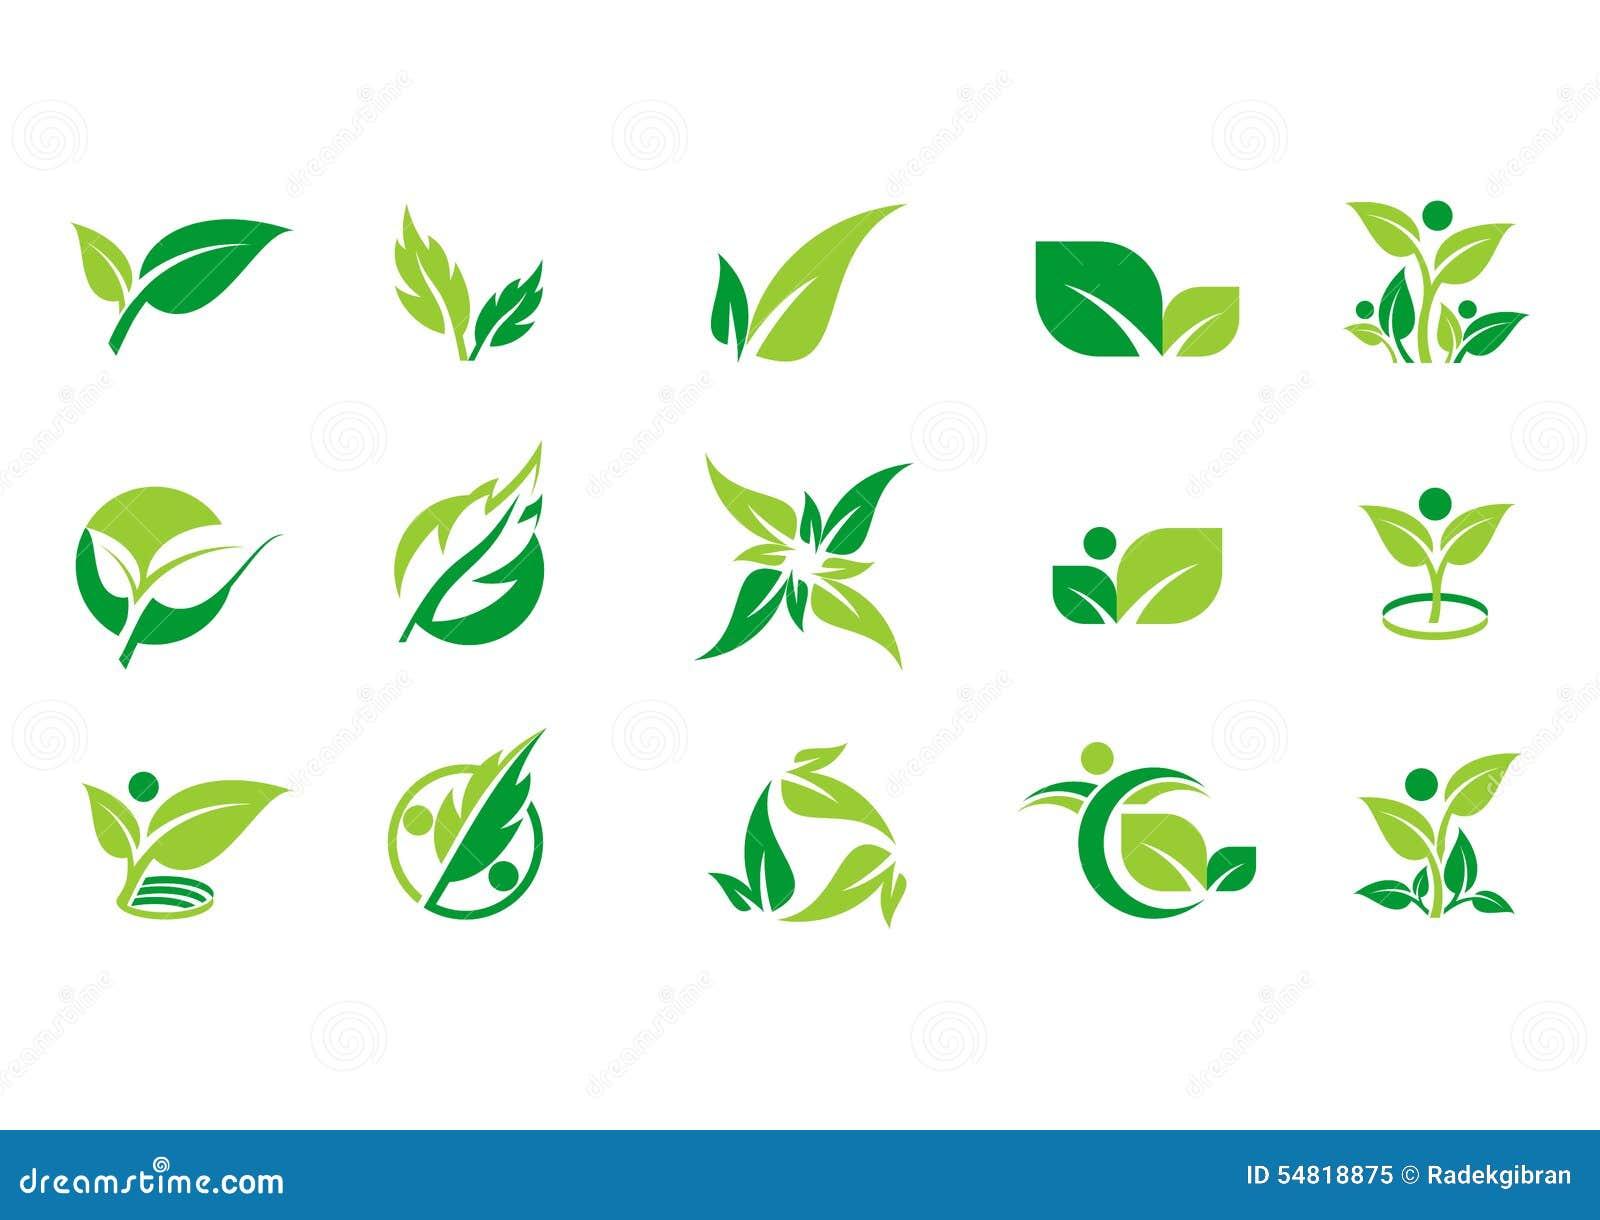 Blatt, Anlage, Logo, Ökologie, Leute, Wellness, Grün, Blätter, Natursymbol-Ikonensatz des Vektors entwirft